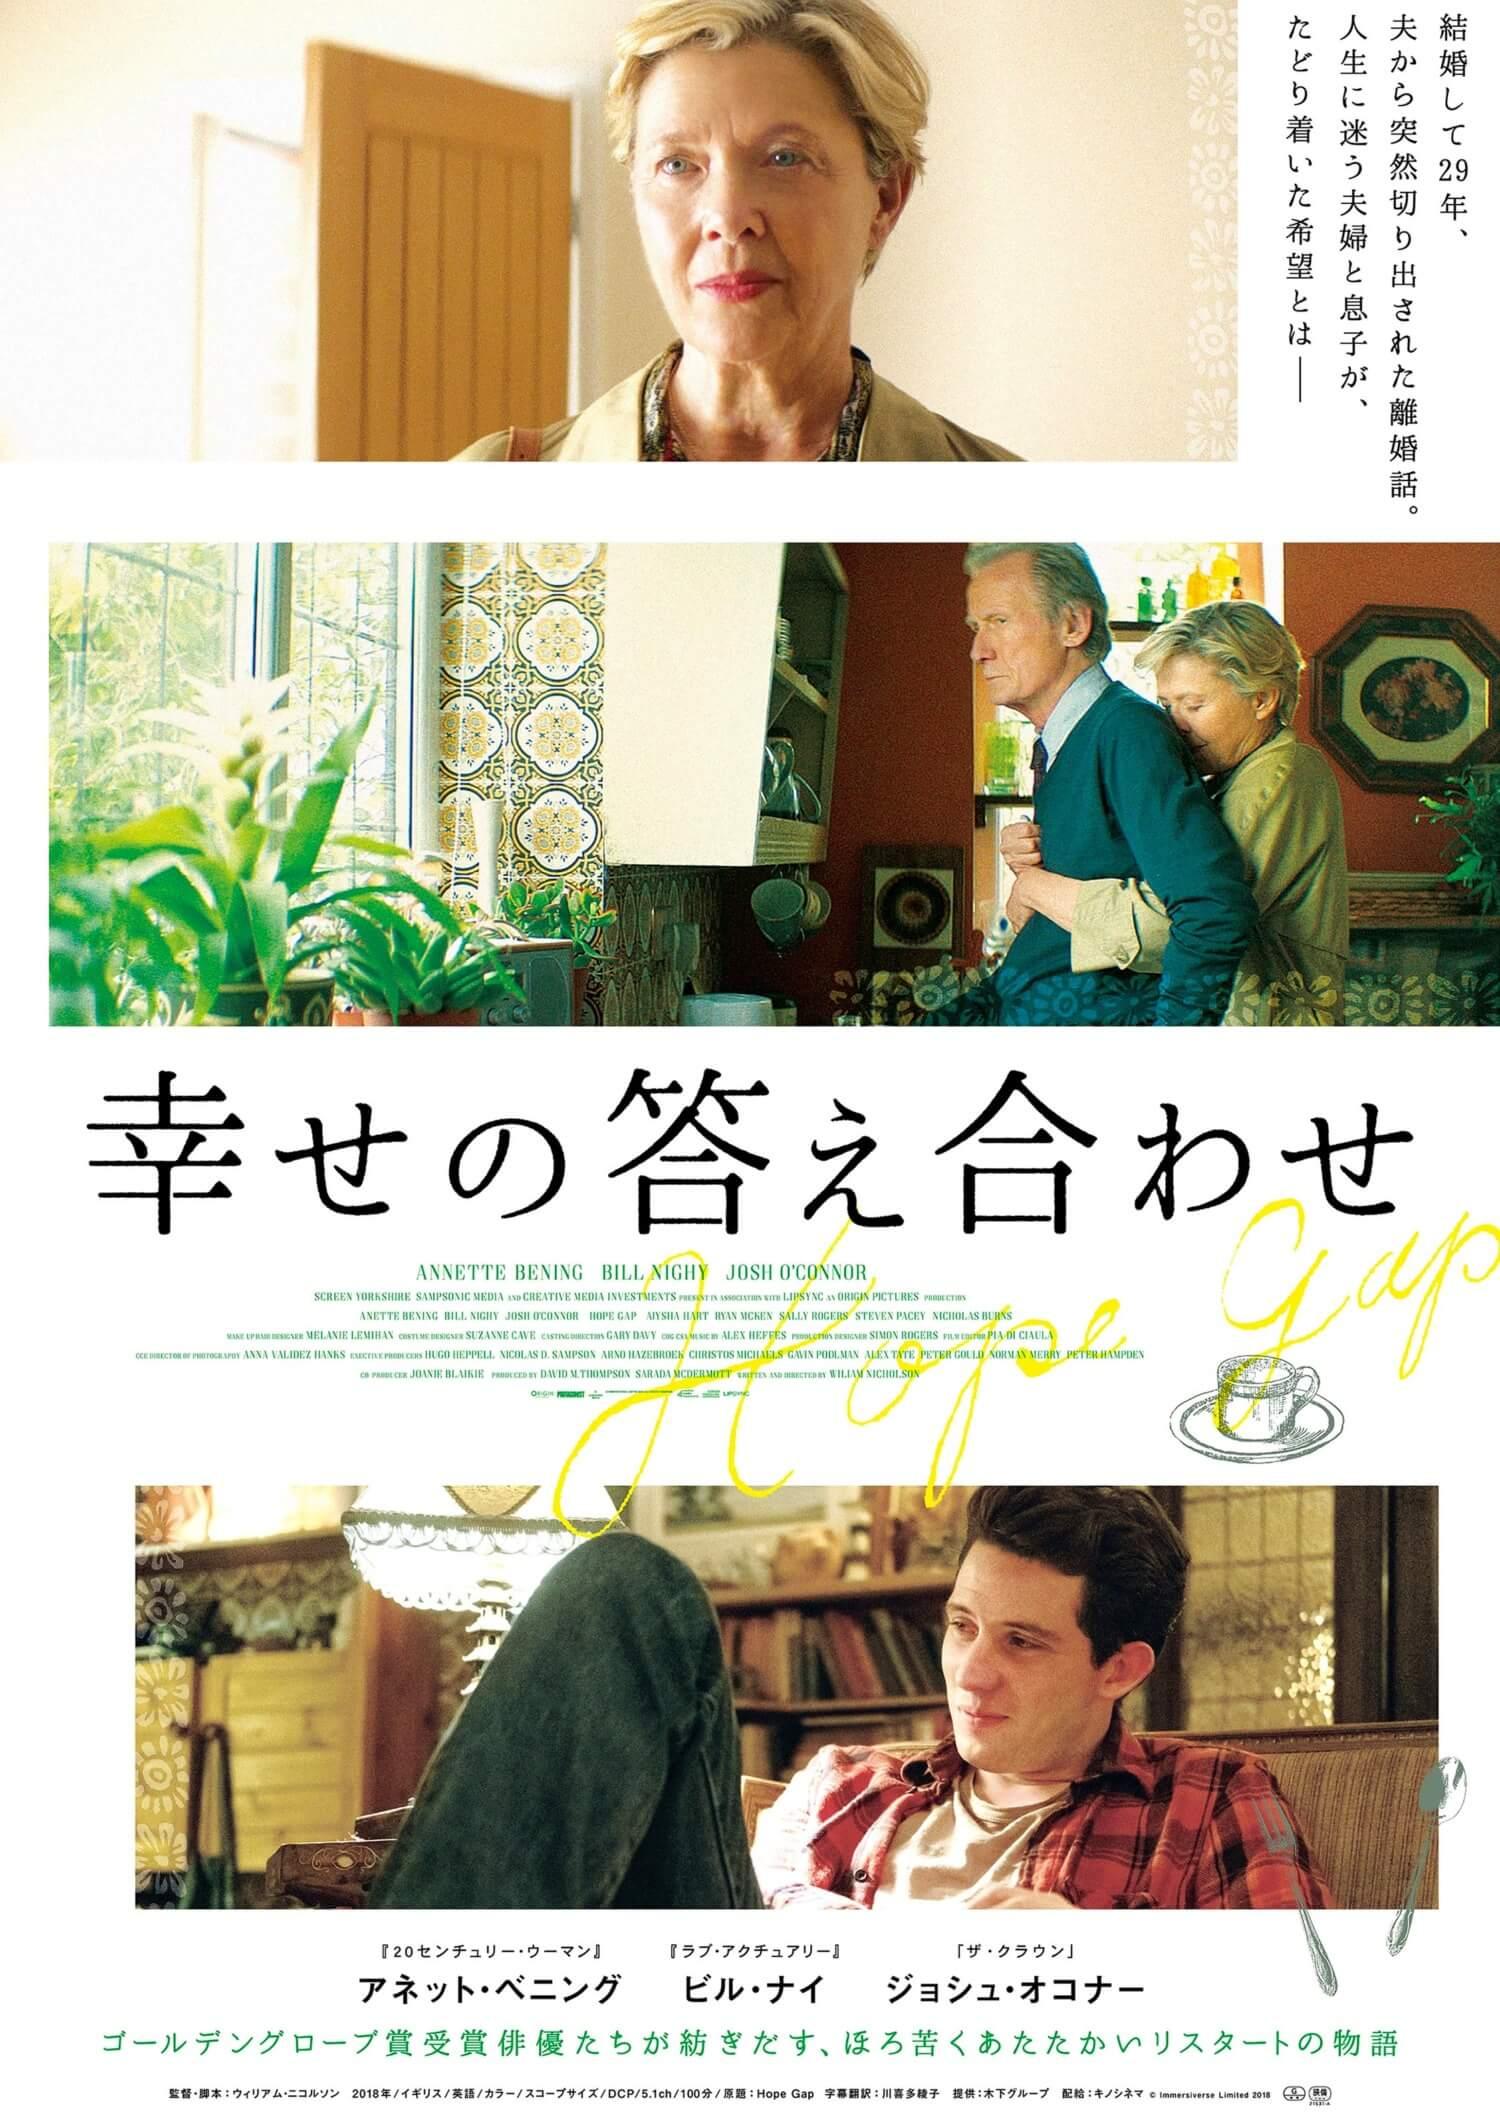 映画『幸せの答え合わせ』ポスター